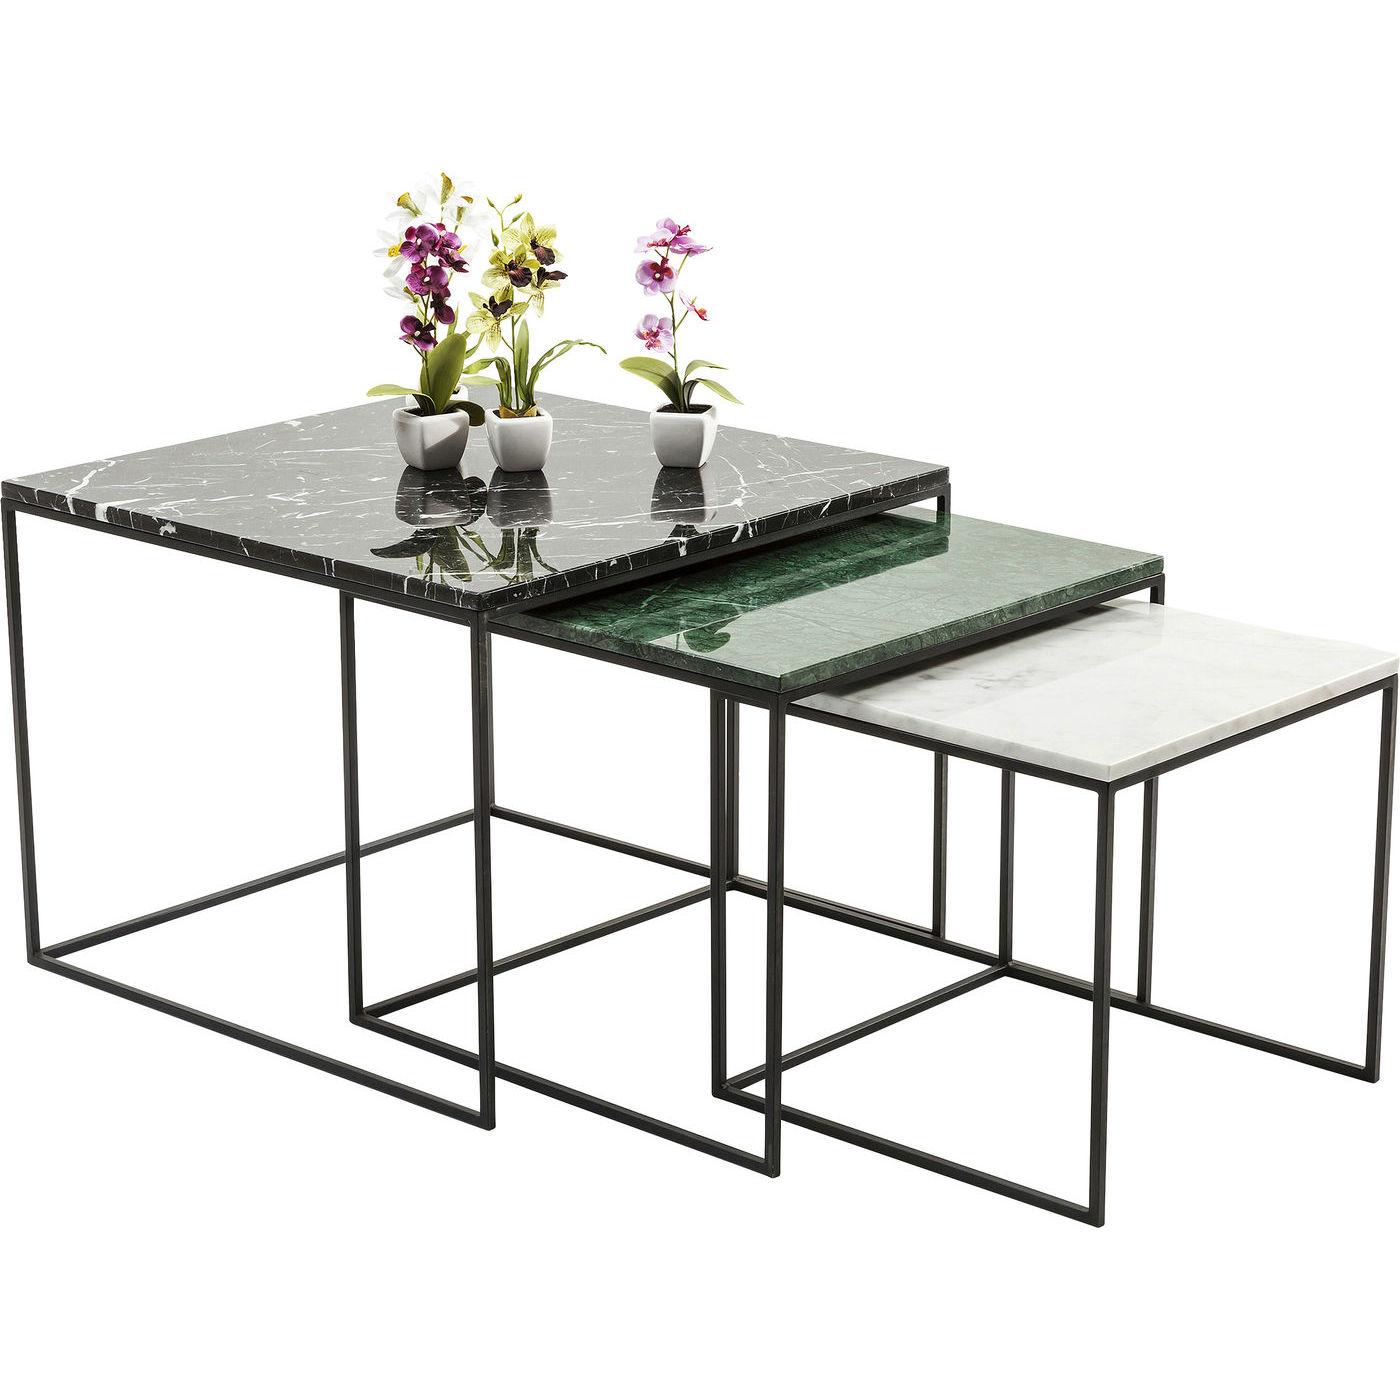 kare design Kare design marmor east coast indskudsborde - grønt/sort/hvidt marmor og stål (3/sæt) fra boboonline.dk